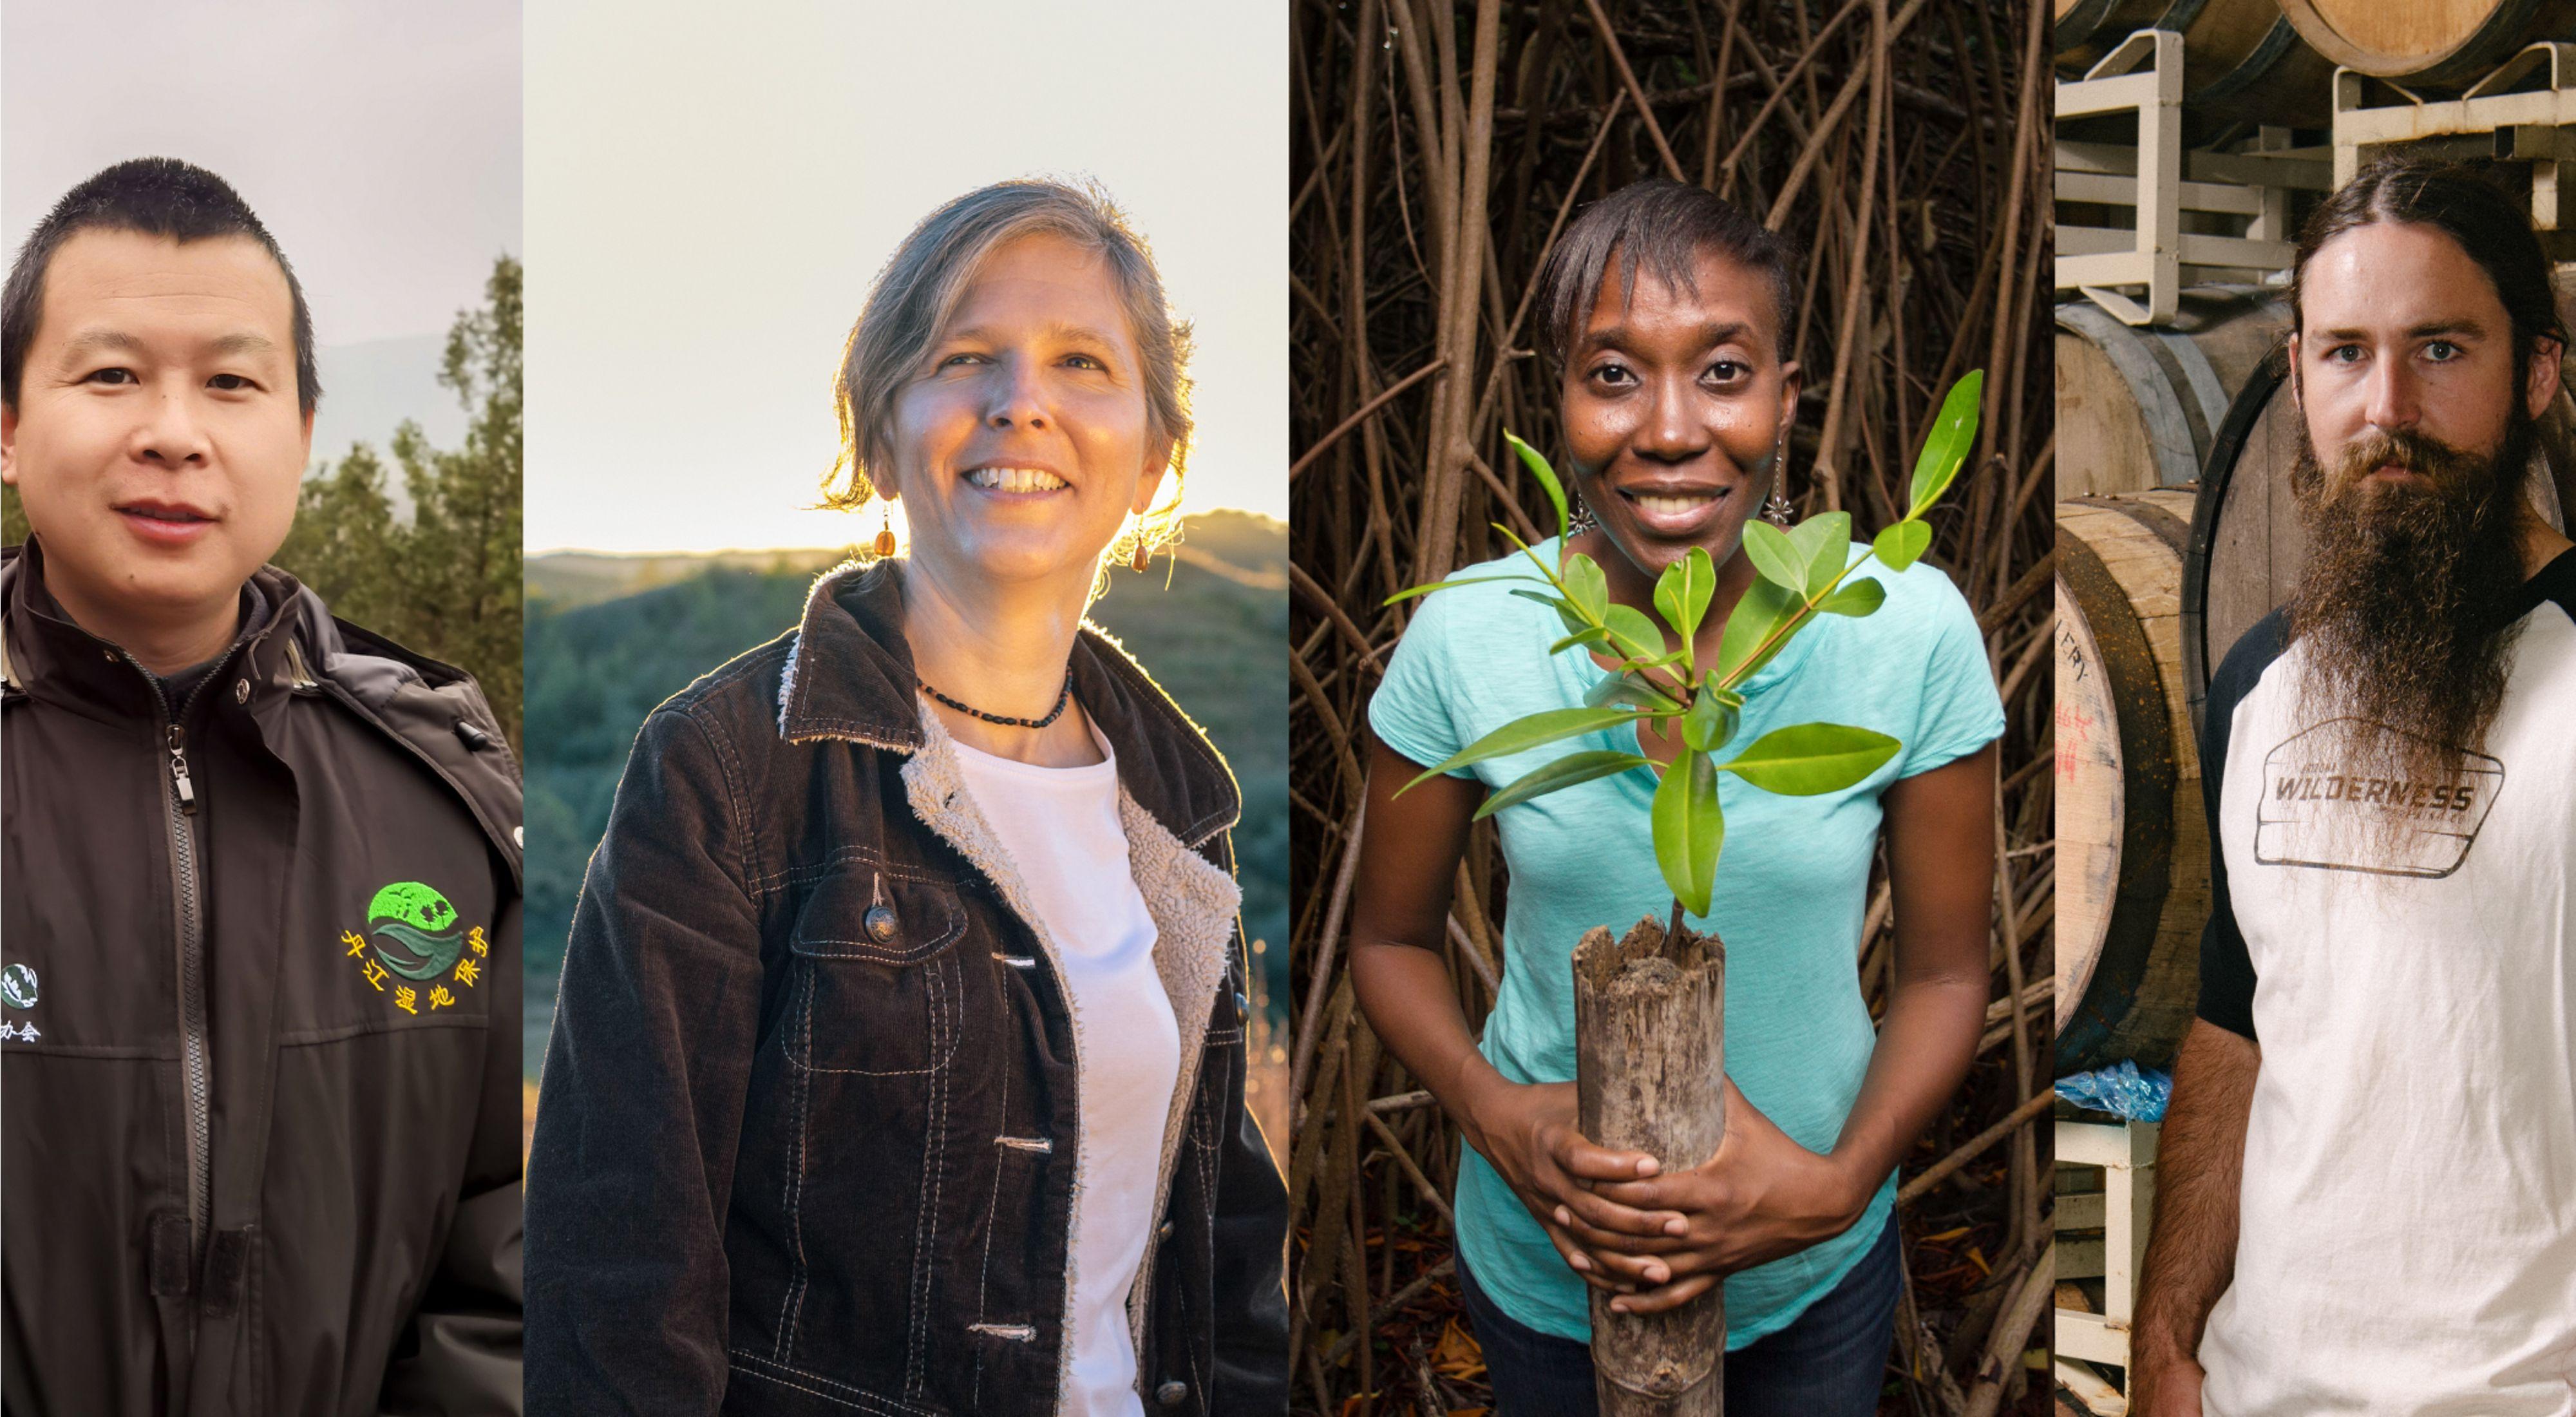 Cuatro imágenes de diferentes personas en diferentes actividades relacionadas a la conservación